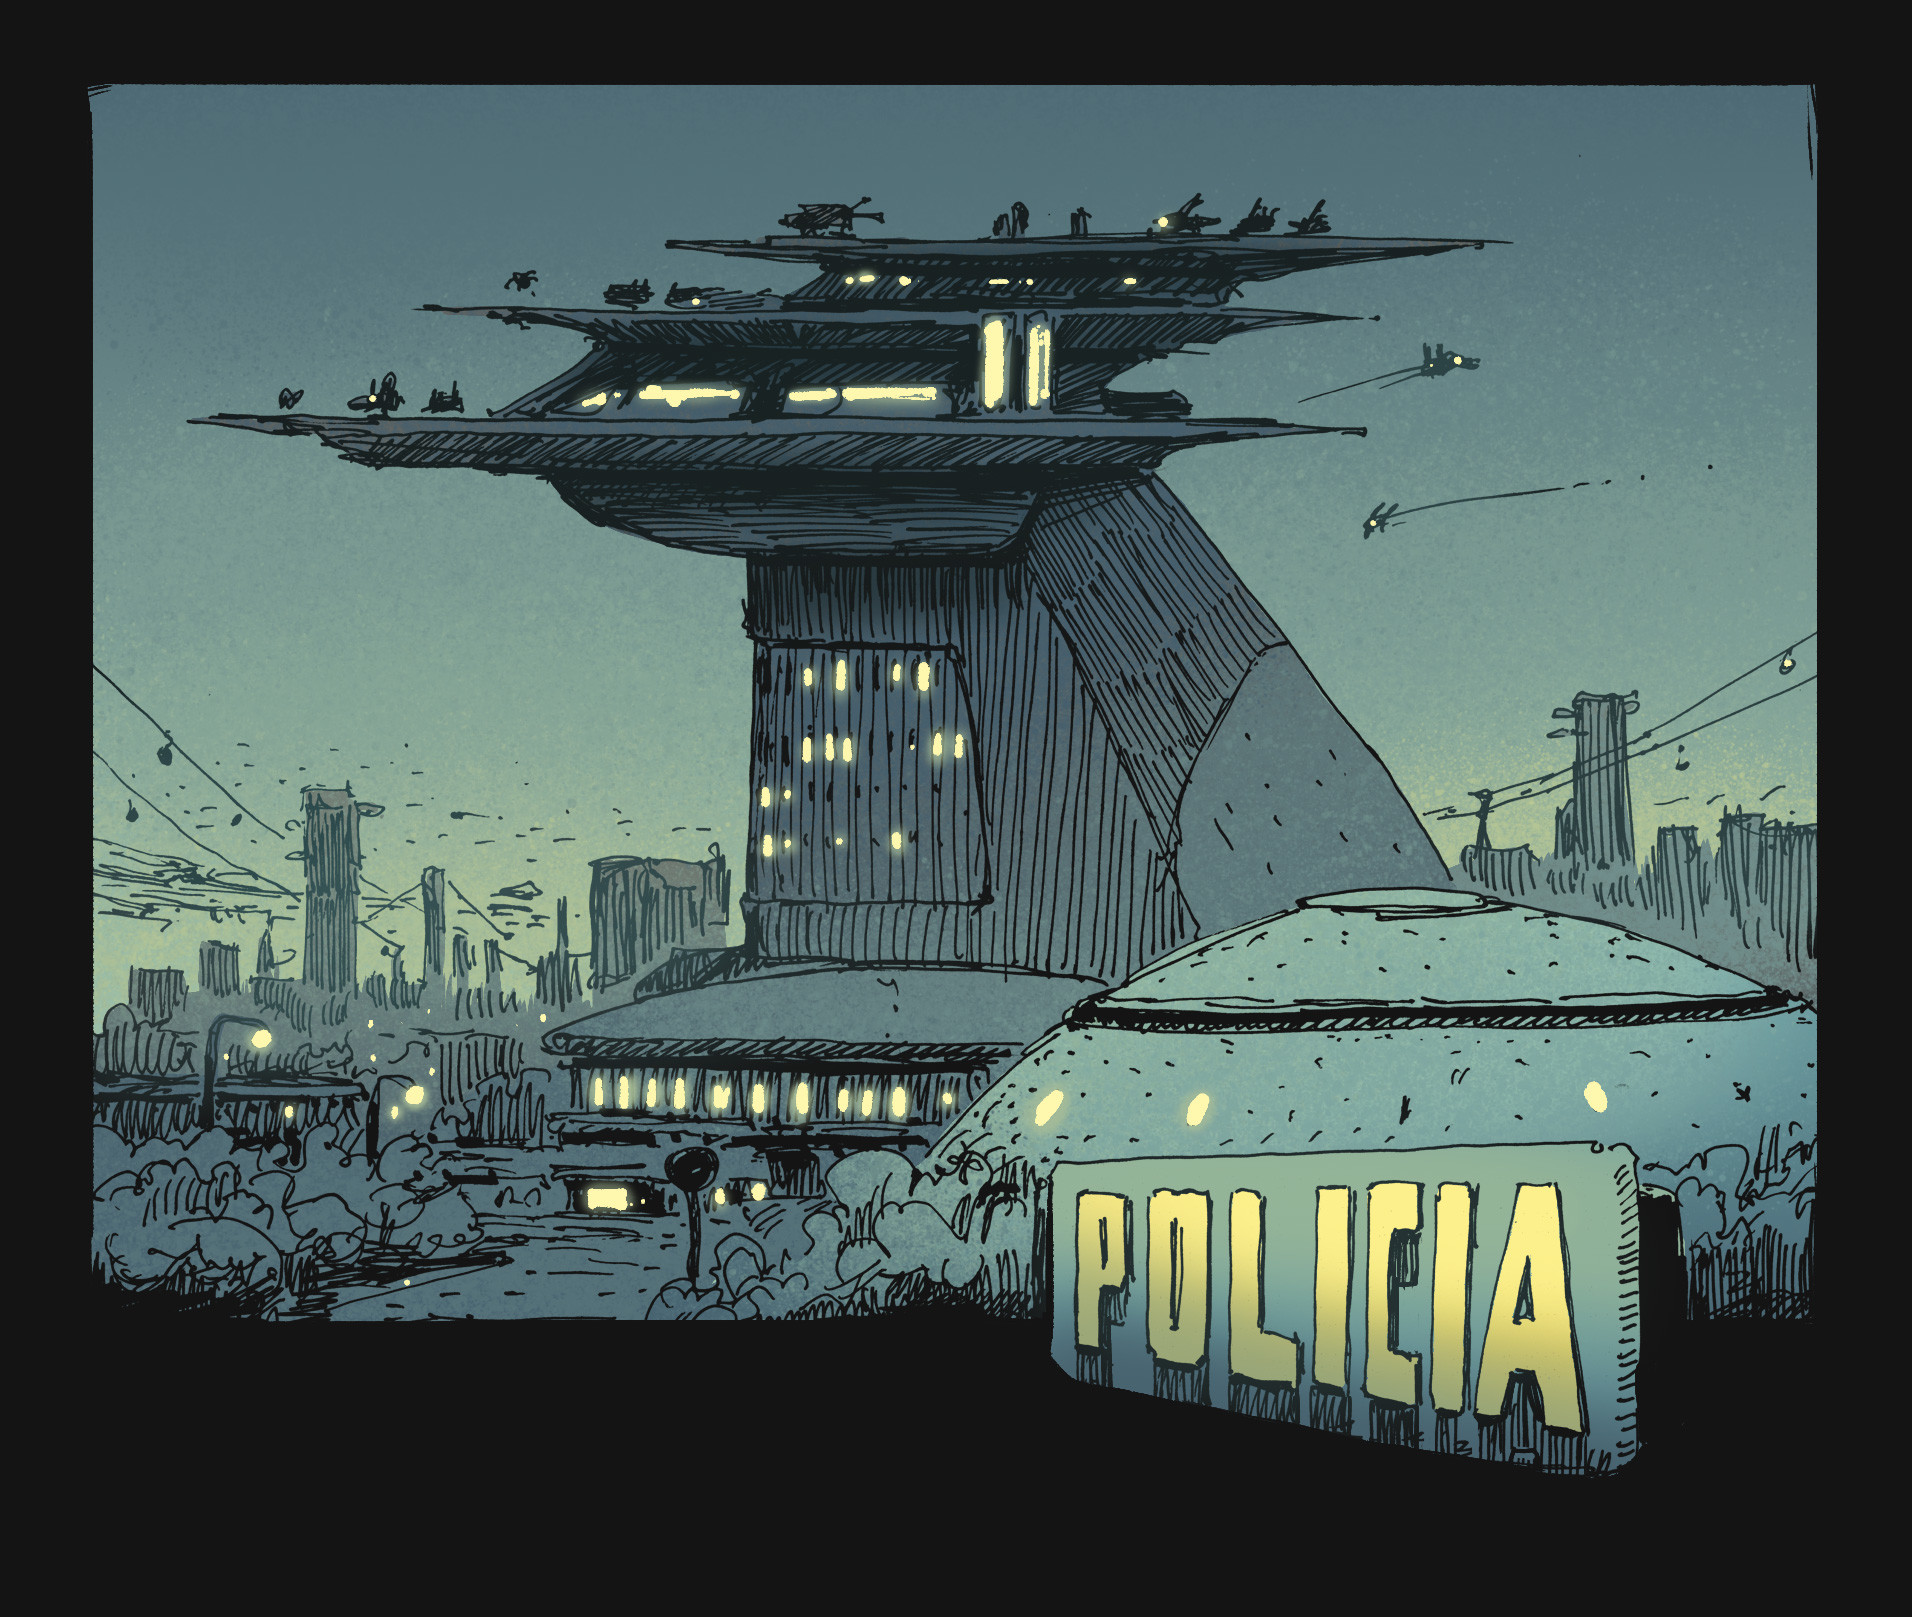 Carlos villarreal kwasek pg 06 02 03 poster